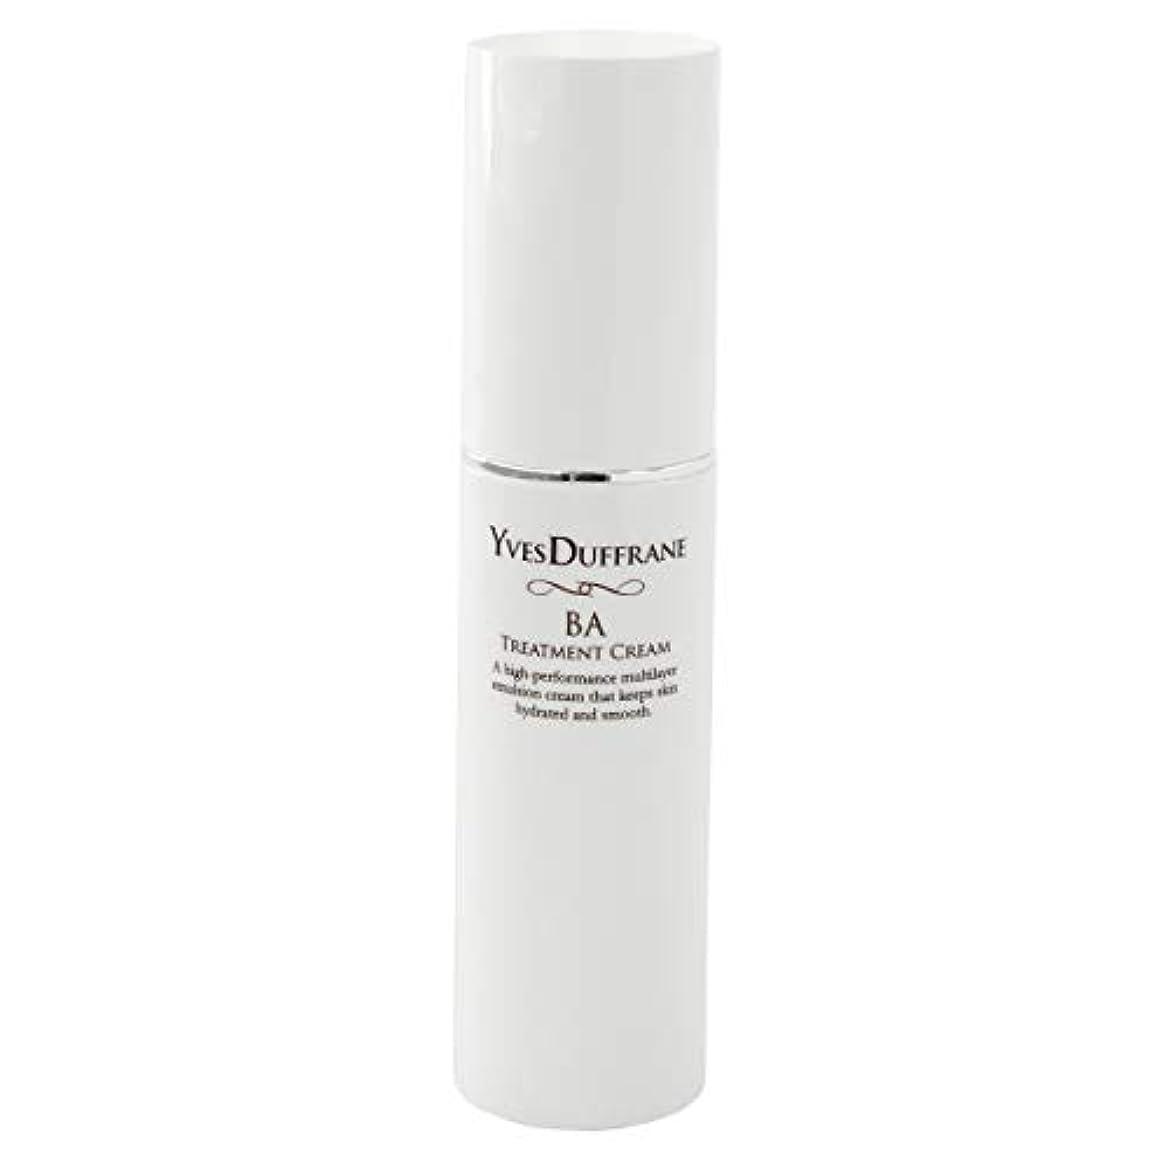 頻繁にバーベキューお風呂を持っているセラミド 美容クリーム [BAトリートメント クリーム ] 顔 目元 敏感肌 保湿 セラミド ビタミンC誘導体 バイオアンテージ配合